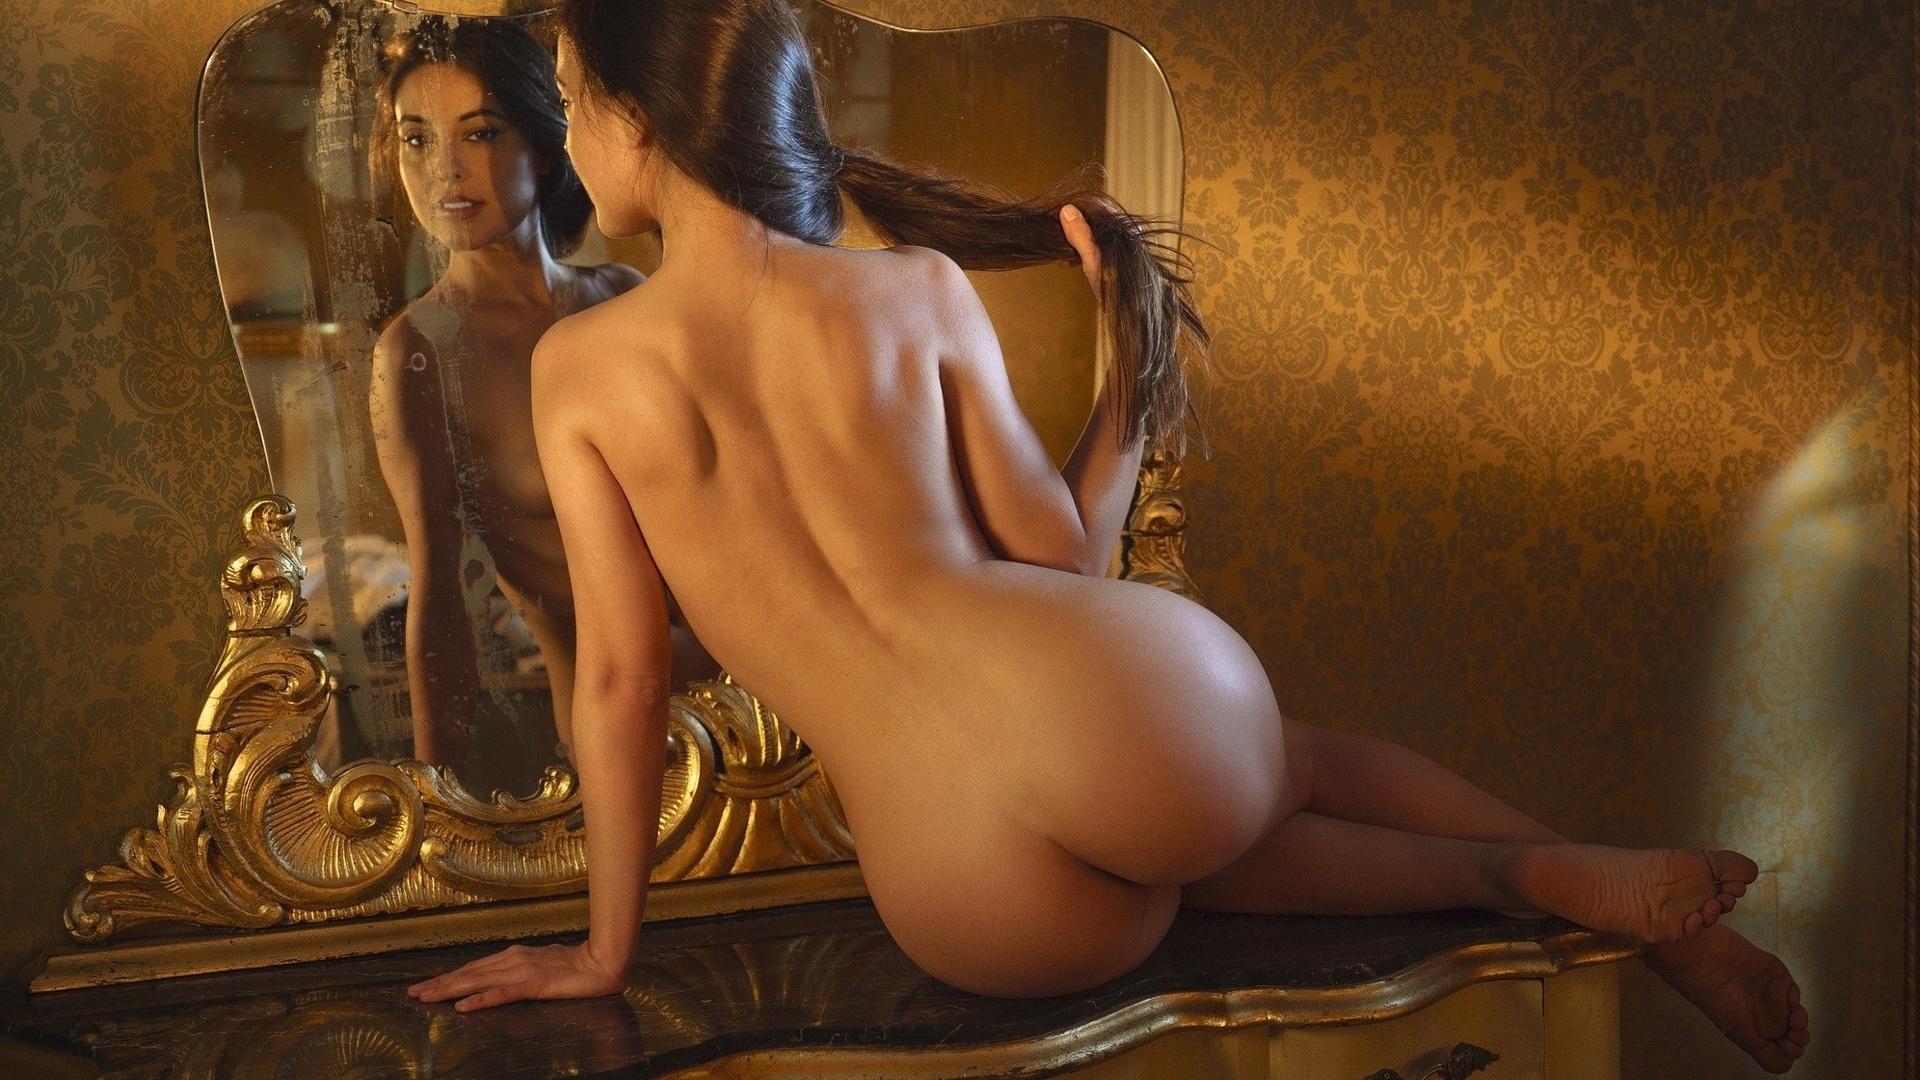 эротика женщины с формами луизы о мерфи фото порно, смотреть